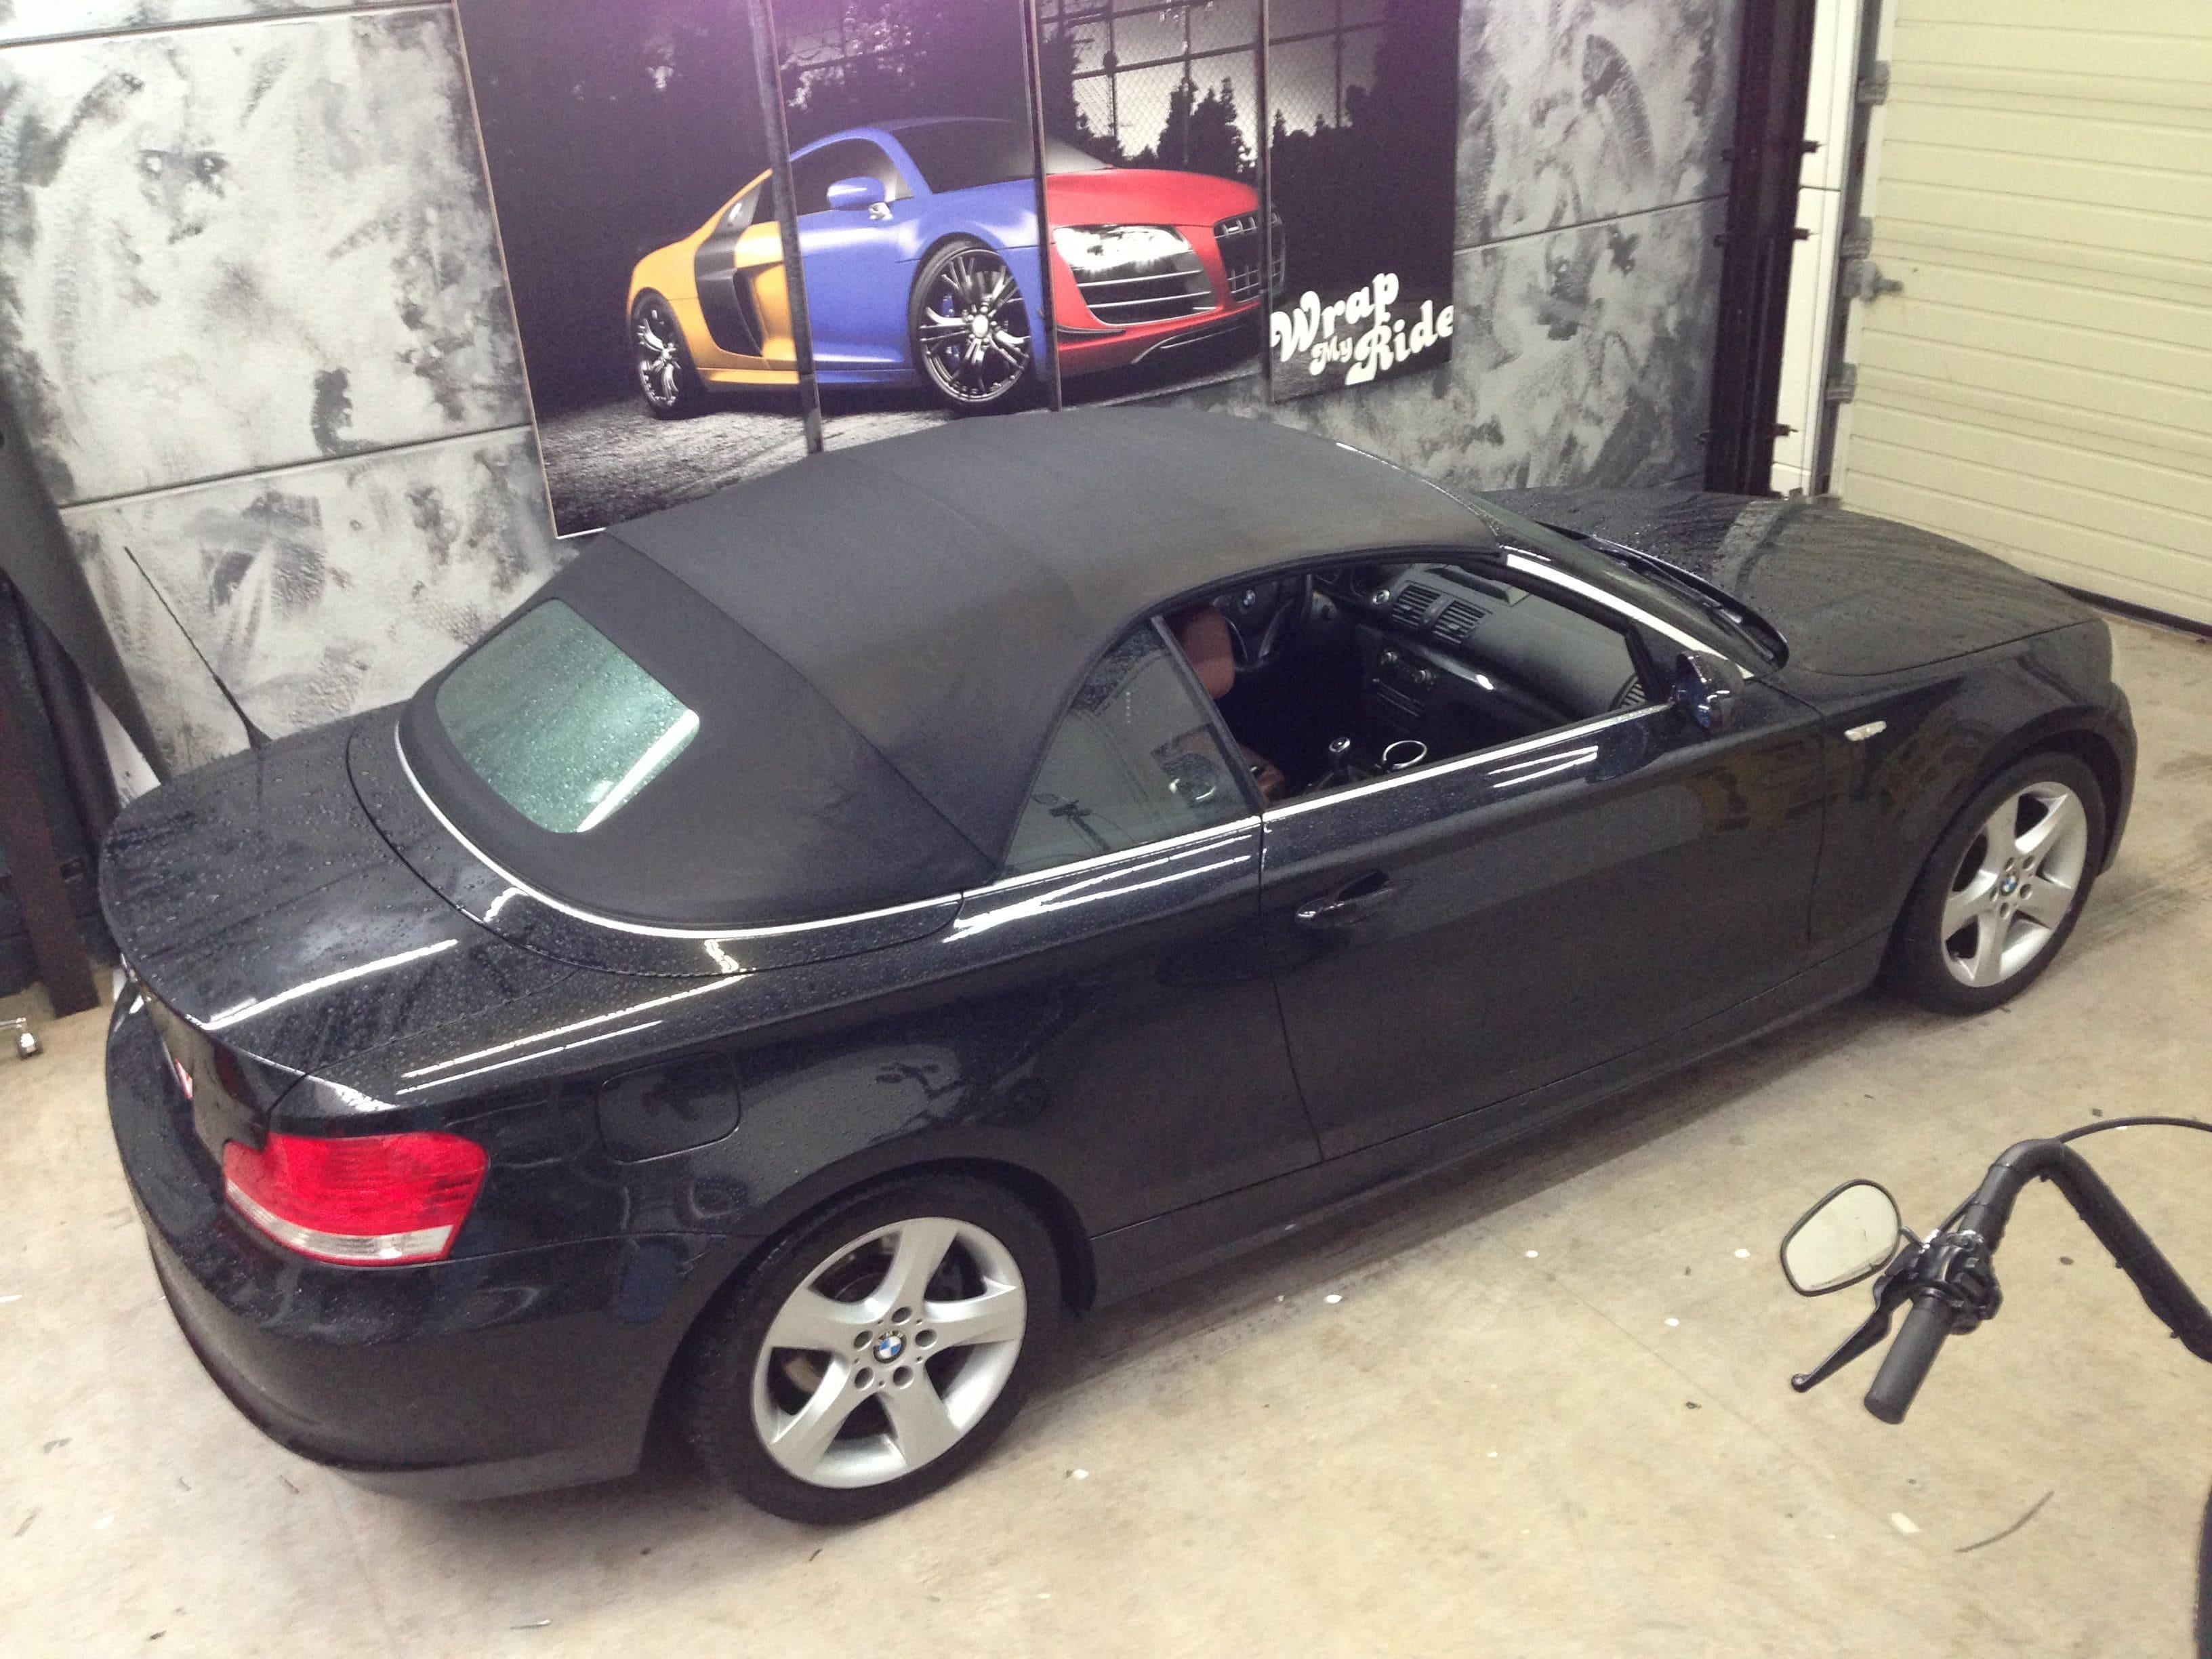 BMW 1 Serie Cabrio met Mat Zwarte Wrap, Carwrapping door Wrapmyride.nu Foto-nr:5187, ©2021